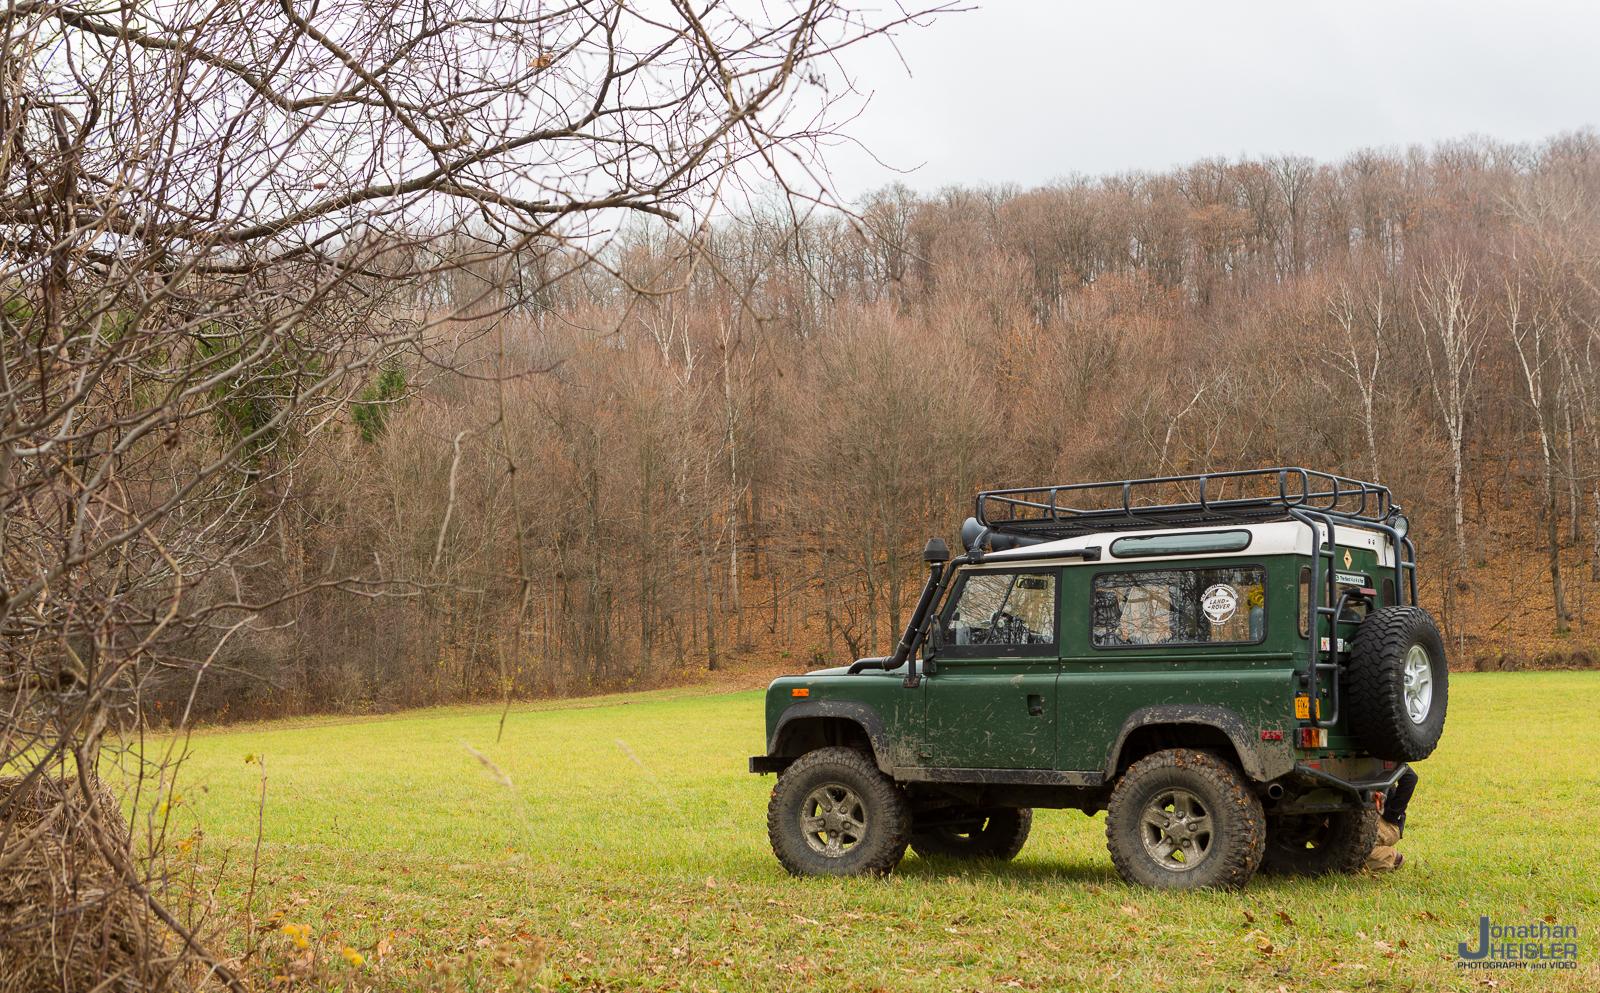 Guy Fawkes Land Rover_ Land Rover Defender __ Jonathan Heisler _ Jonathan Heisler Photography003.jpg